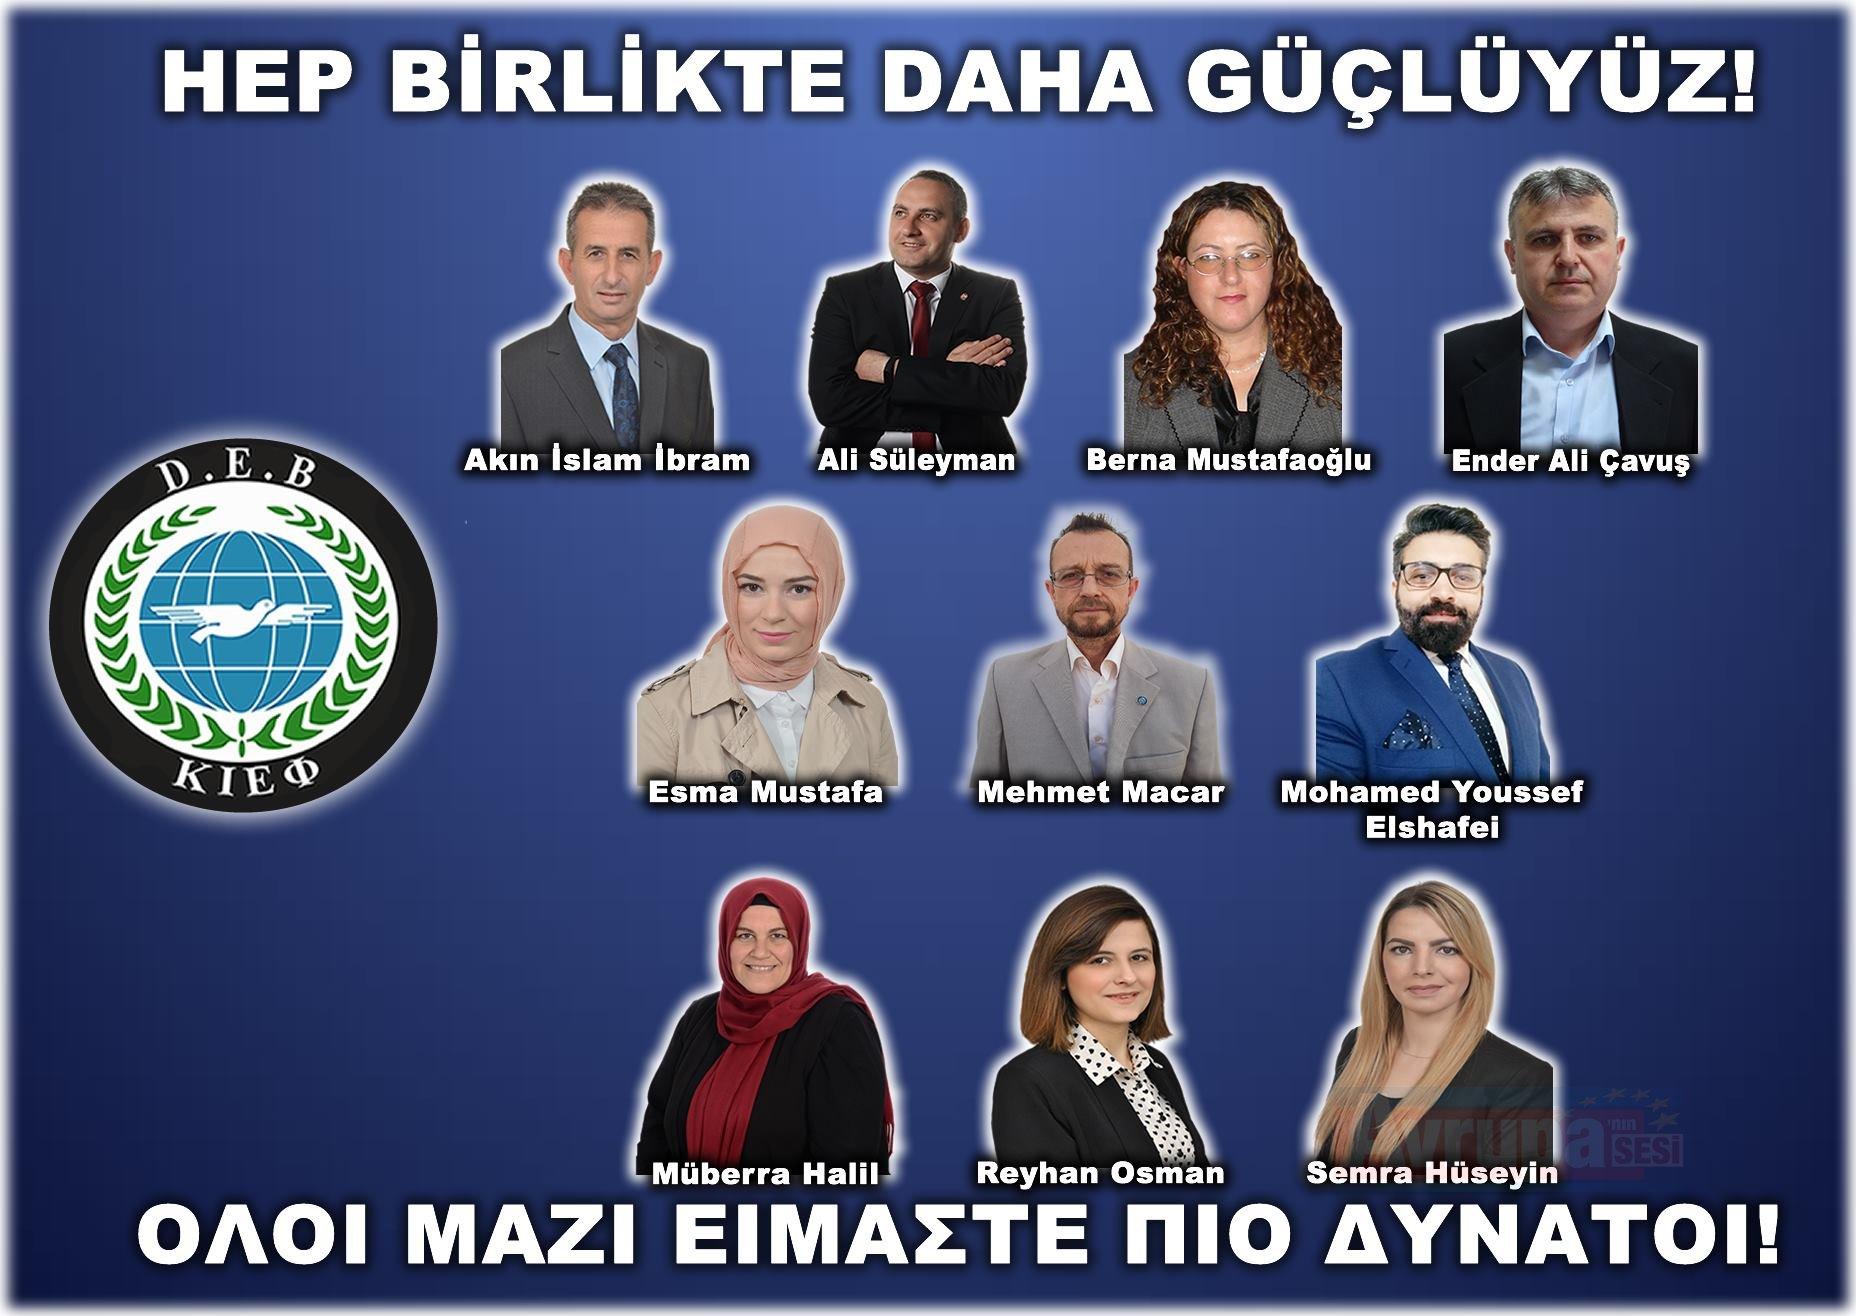 DEB Partisi 10 adayını açıkladı